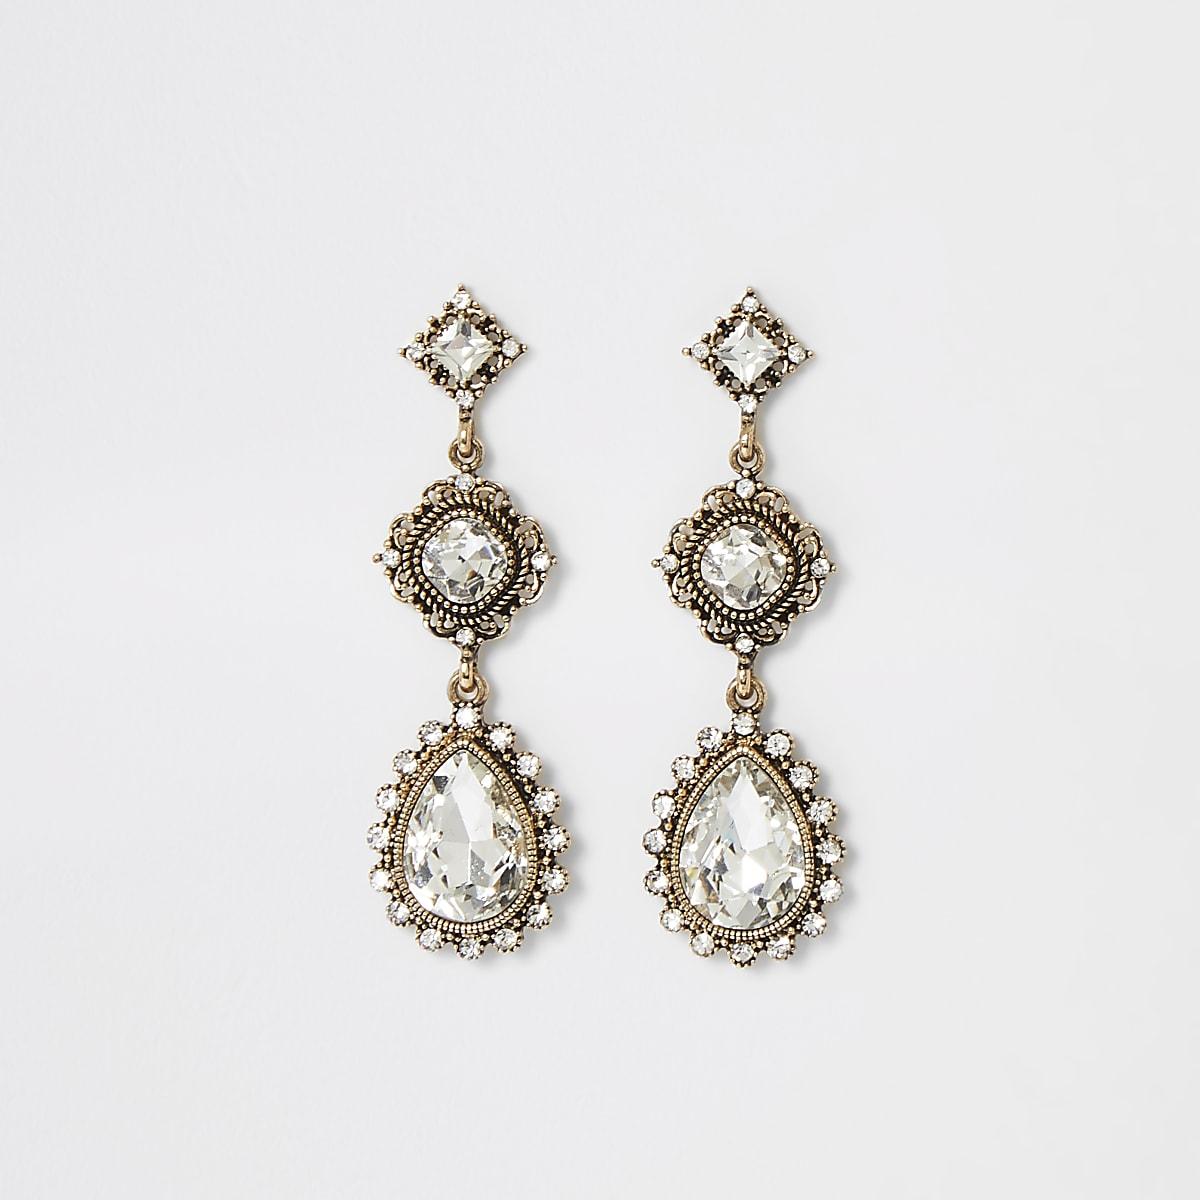 Boucles d'oreilles vintage dorées à pierre